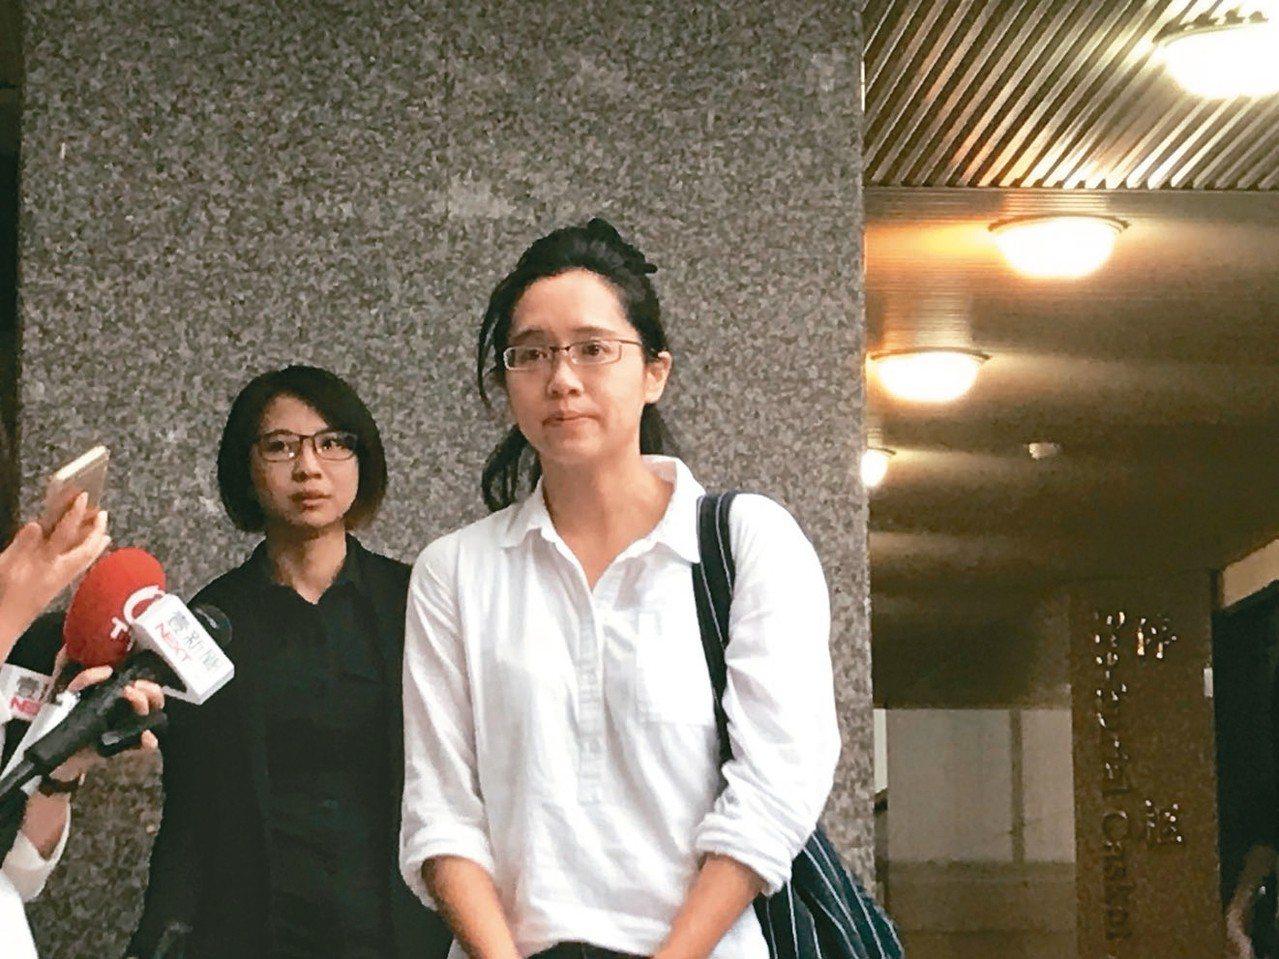 楊偉中遺體於今天入一殯冰櫃,妻子陳以真受訪時難掩憔悴。 記者連珮宇/攝影